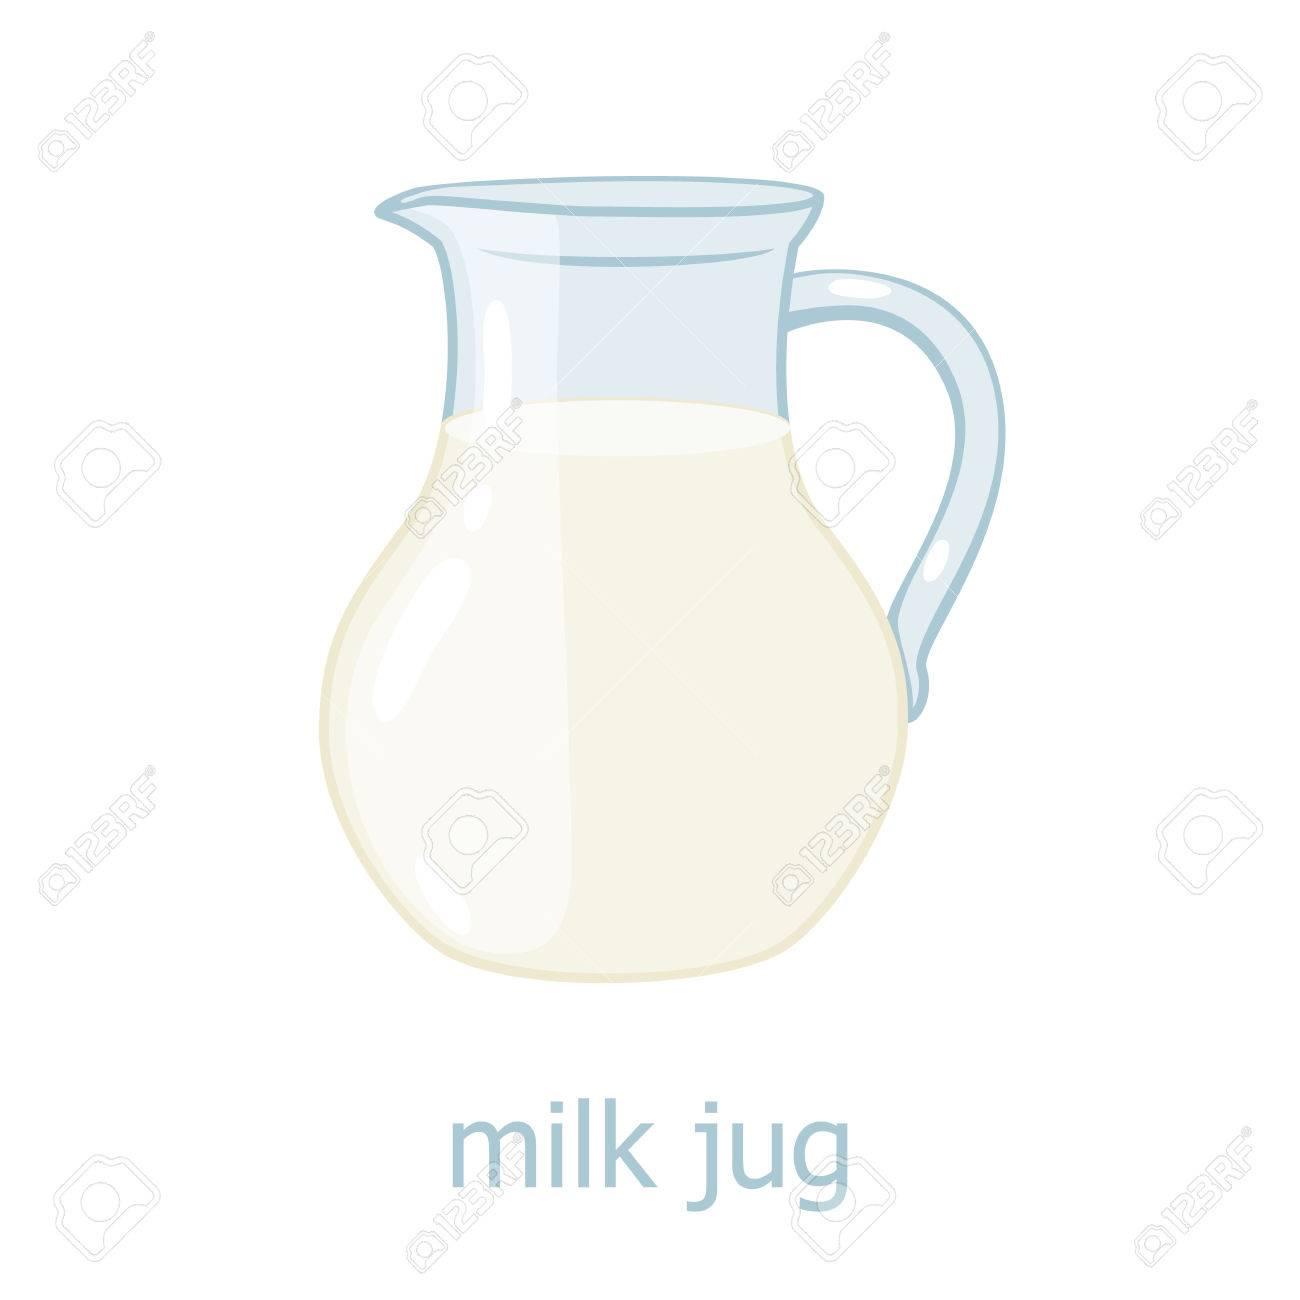 Milchkrug Cartoon-Illustration. Küchenutensilien. Glas Mit Milch ...